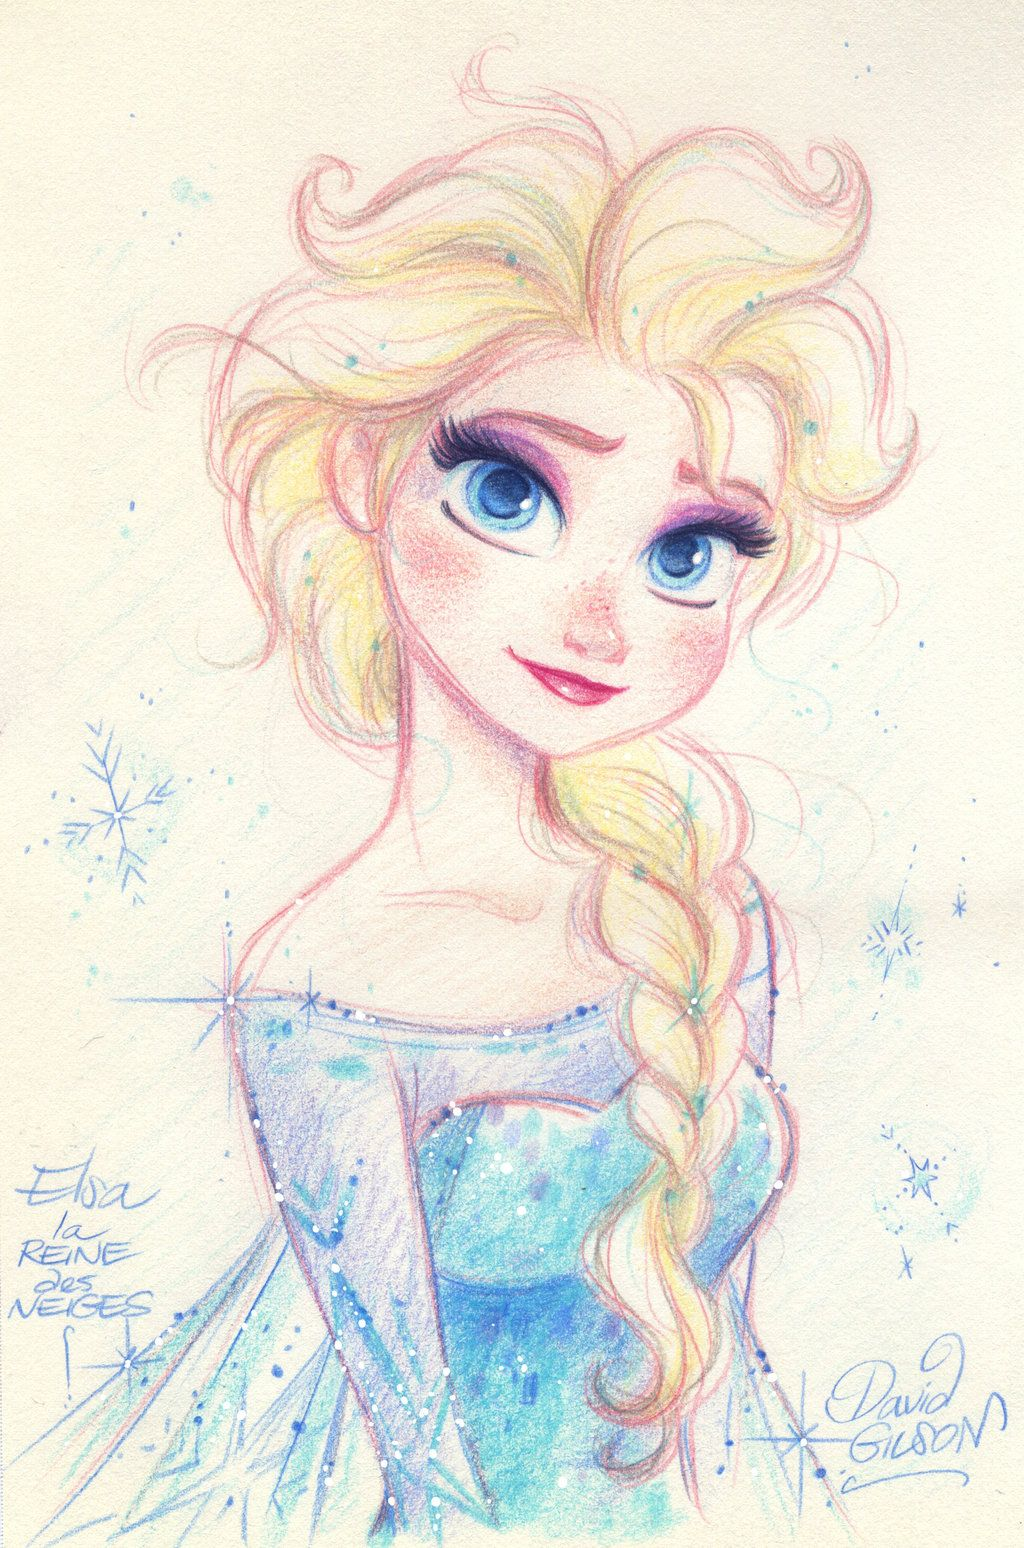 1024x1548 Elsa The Snow Queen From Disney's Frozen By Princekido.